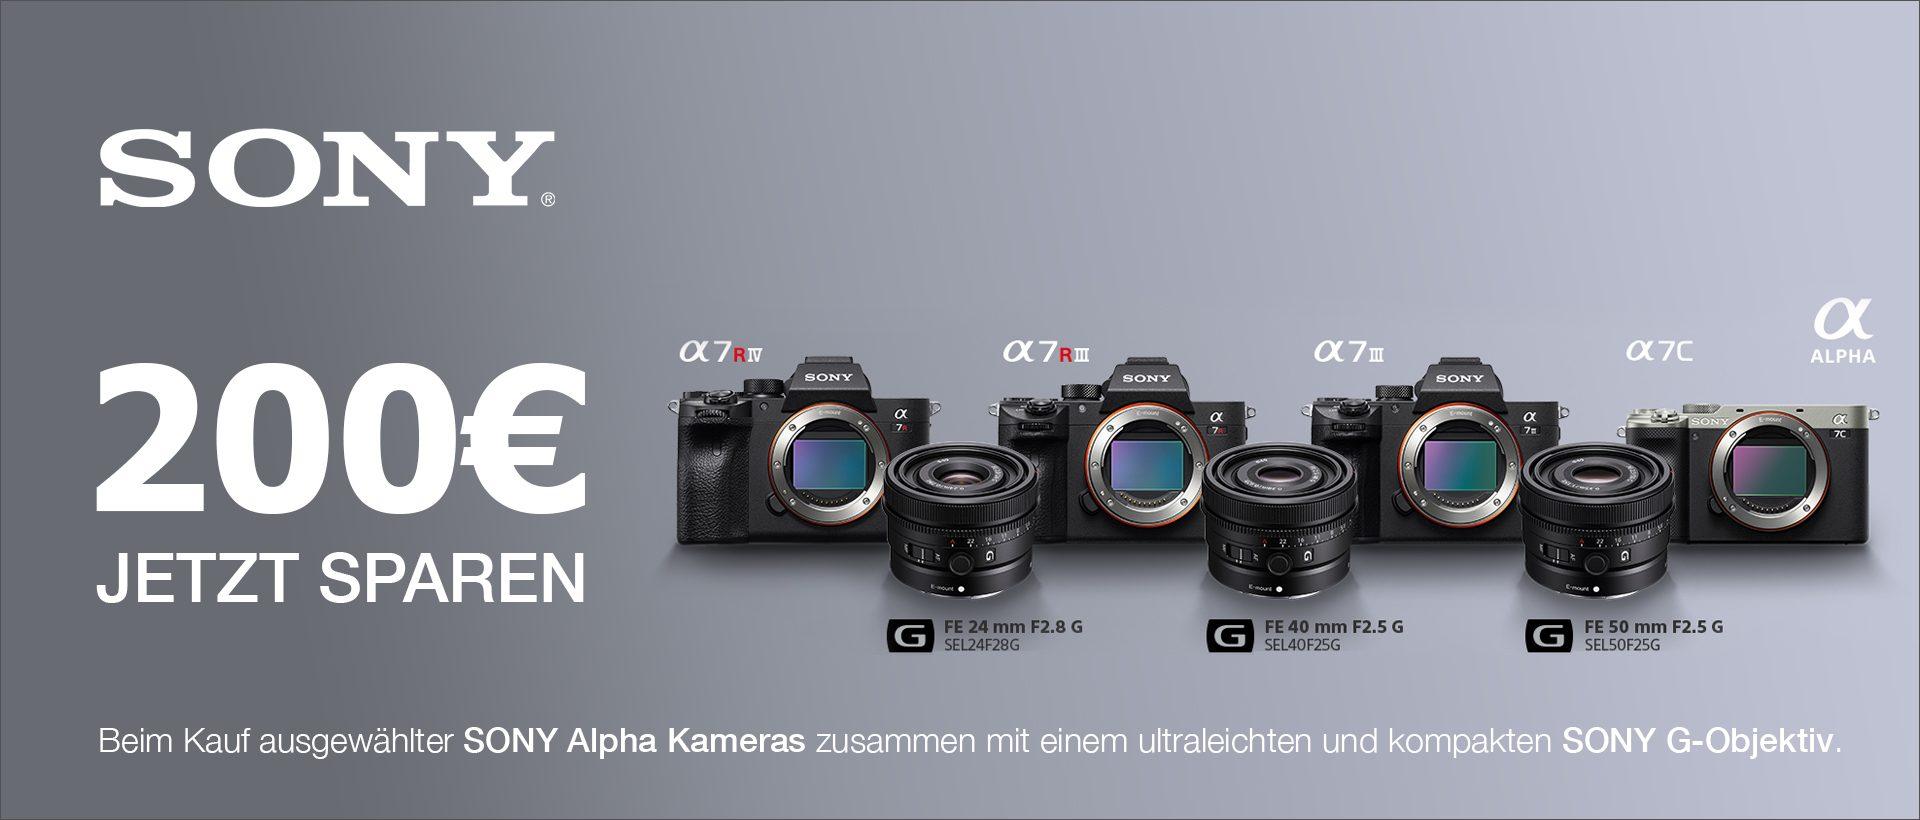 Sony Kombi-Rabatt Aktion